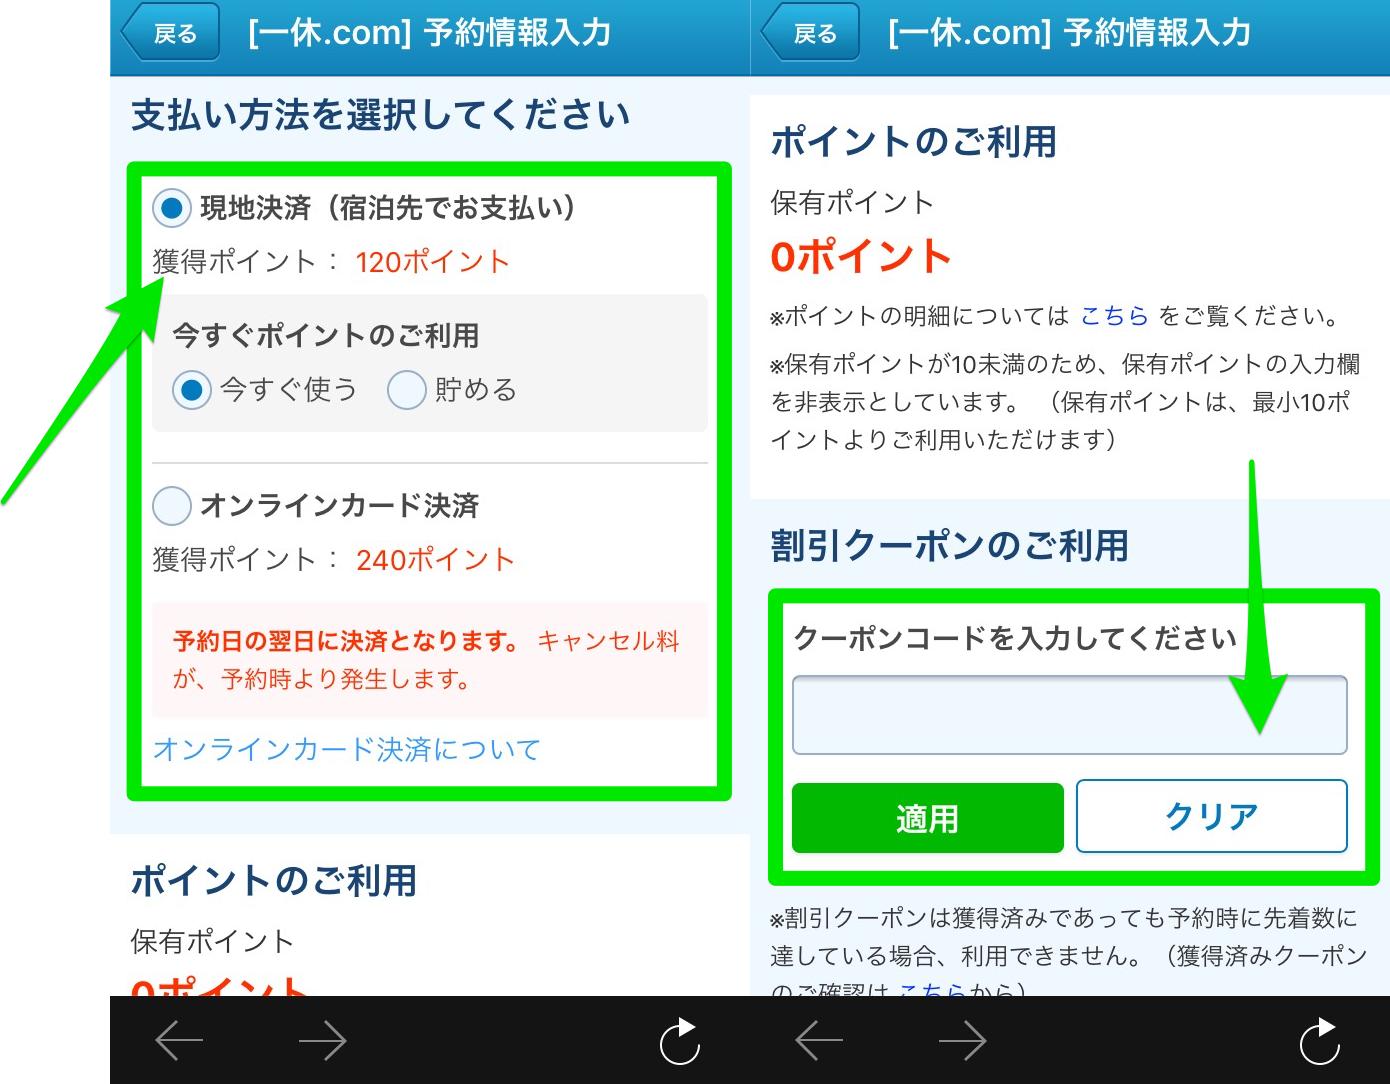 一休.comアプリのホテル予約の支払い手続き